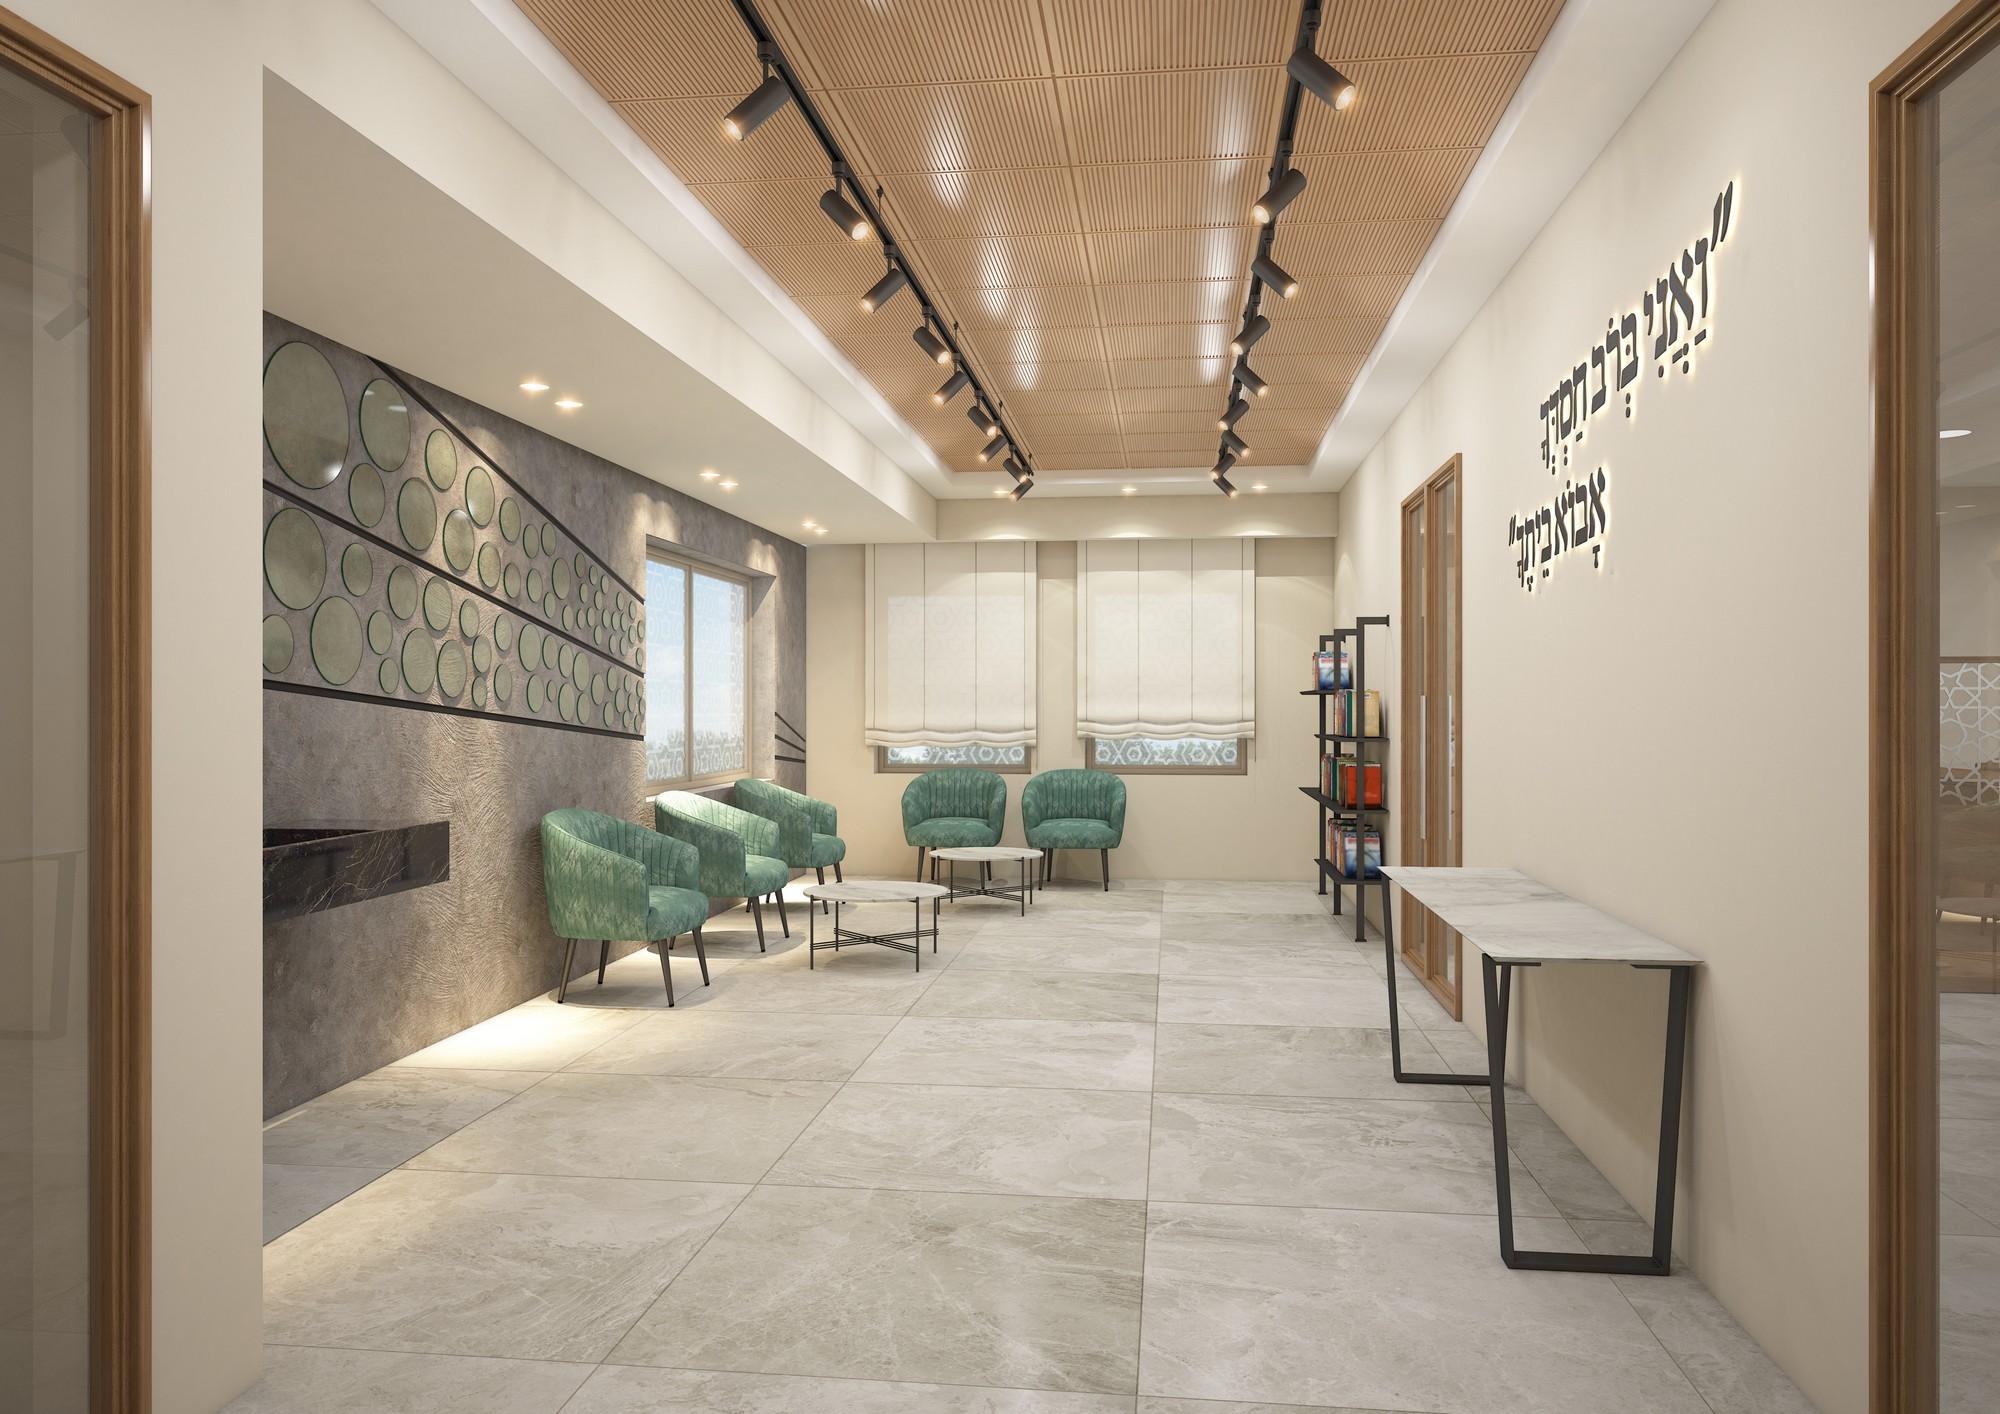 """בית הכנסת של קהילת """"יחד"""" הינה קהילה צעירה ותוססת, בשכונת פסגת אונו - לובי"""